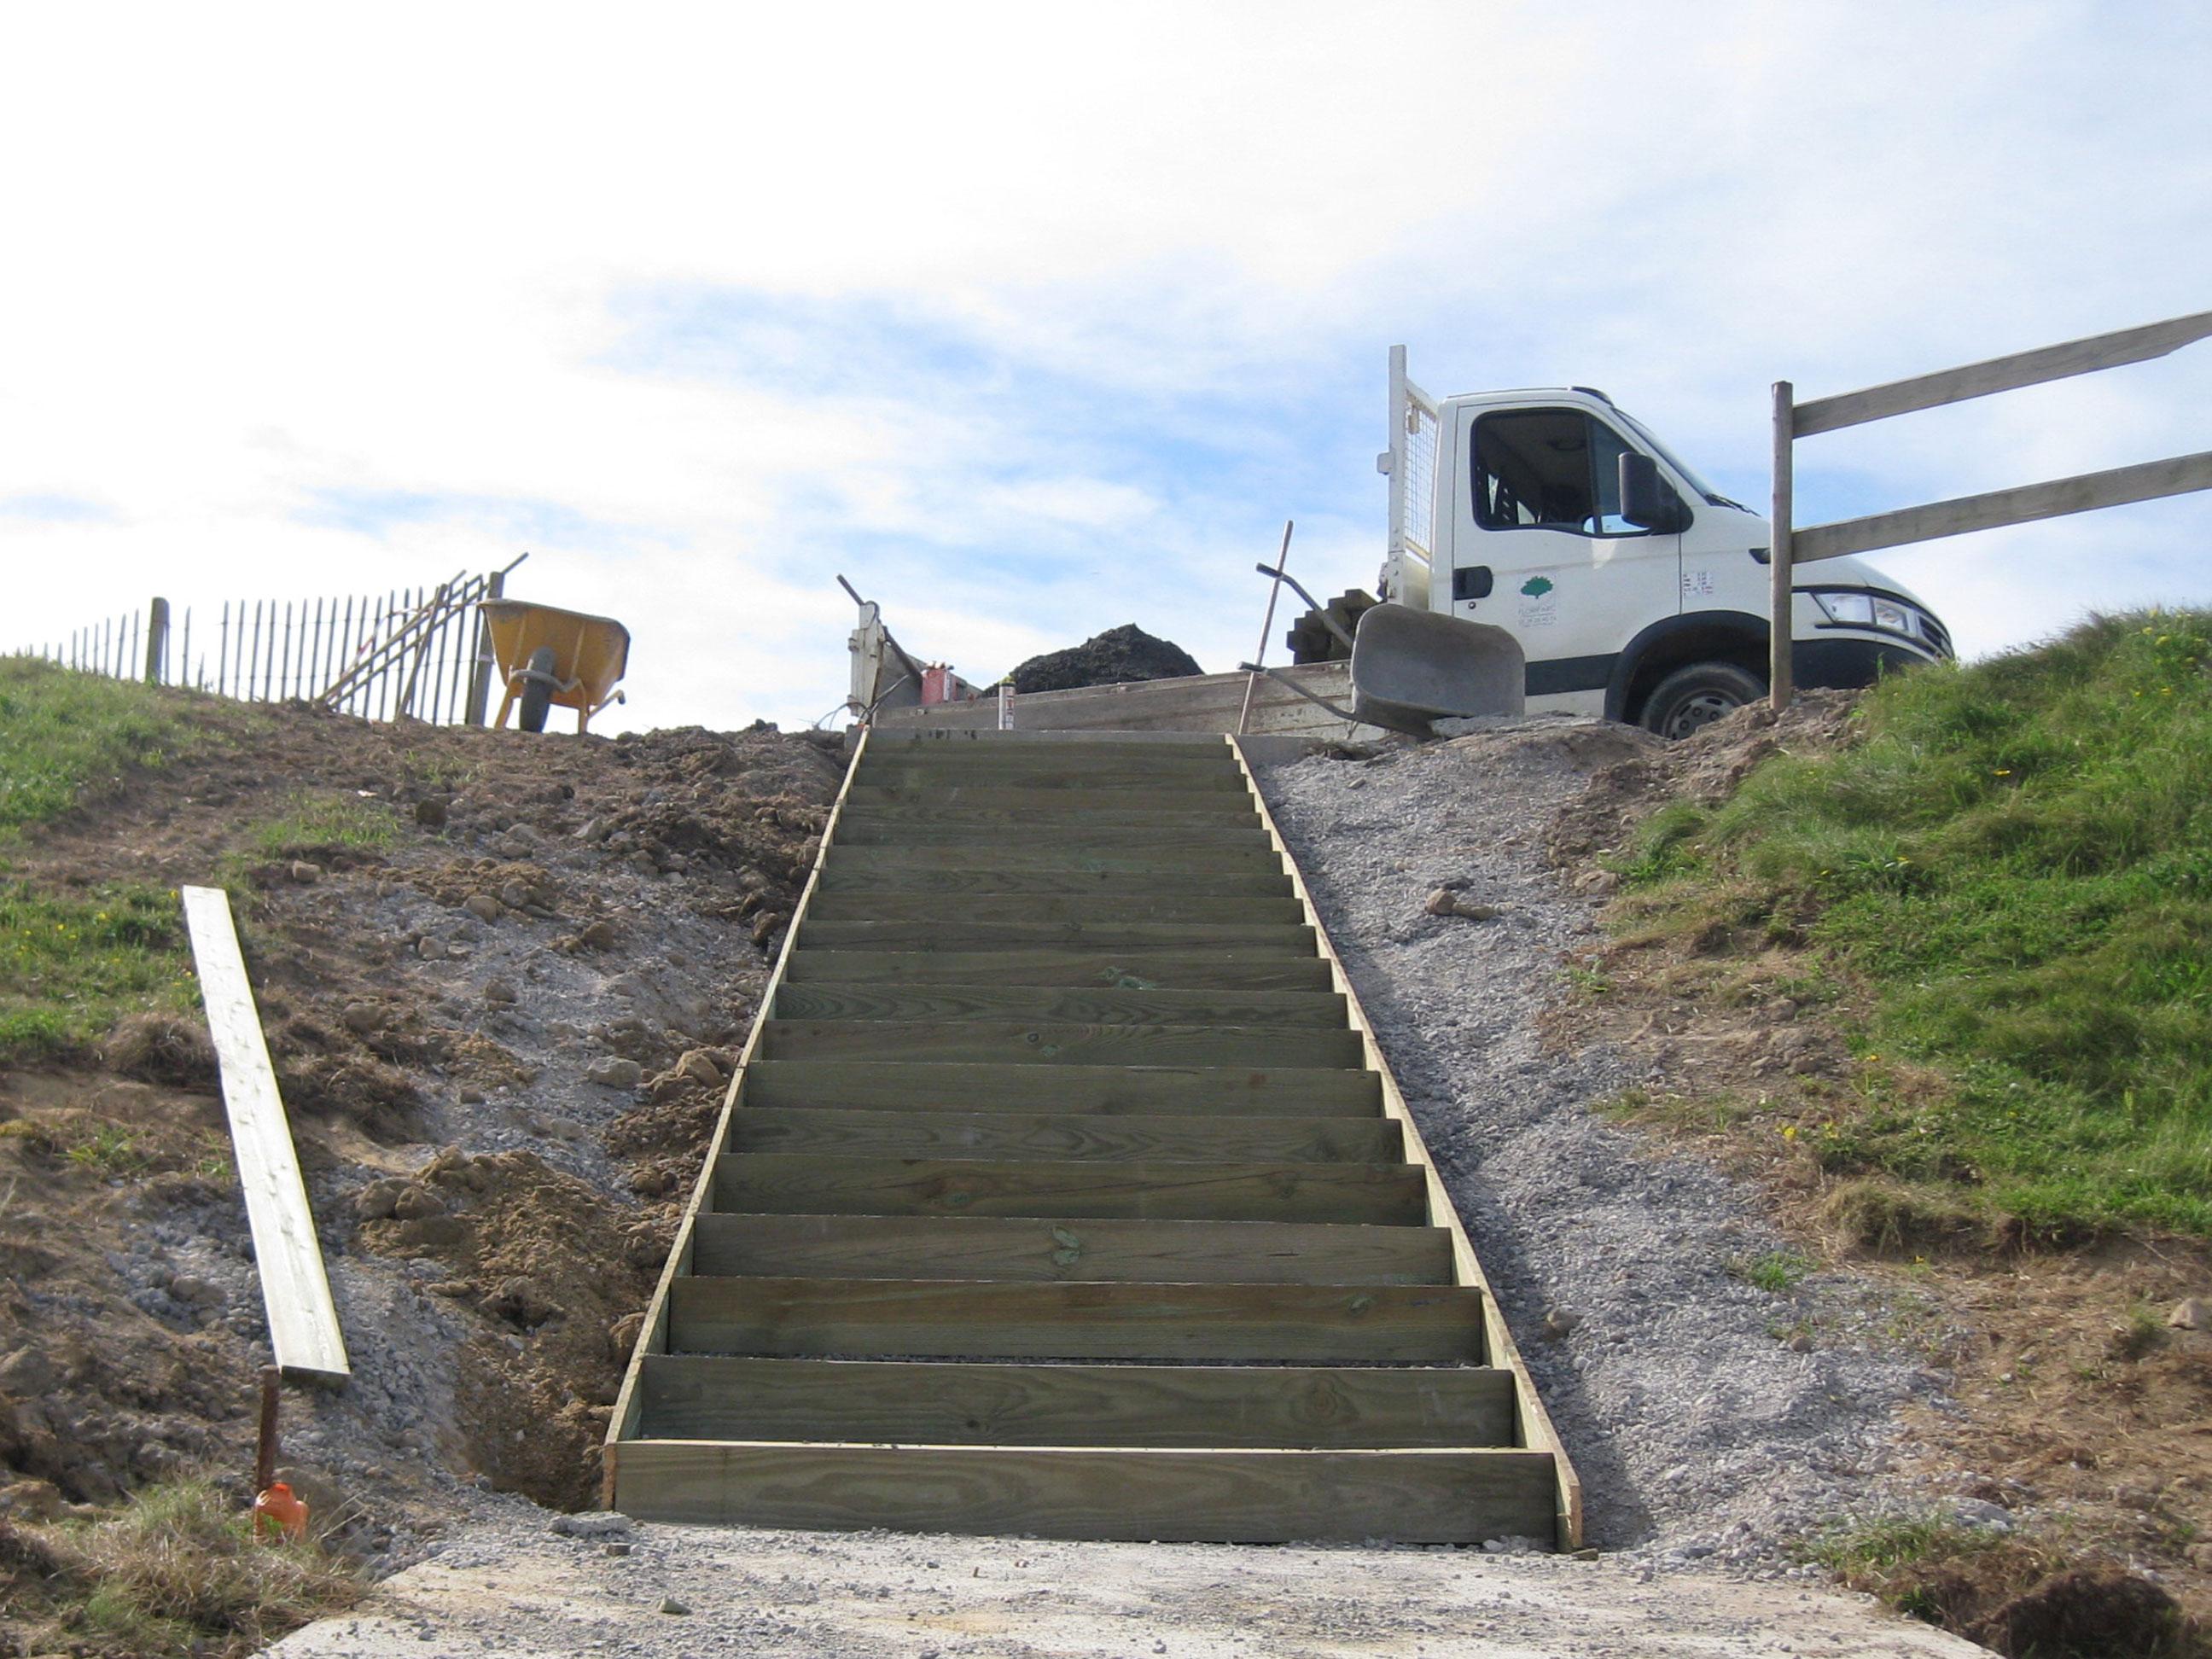 Escalier de la plage, Bidart